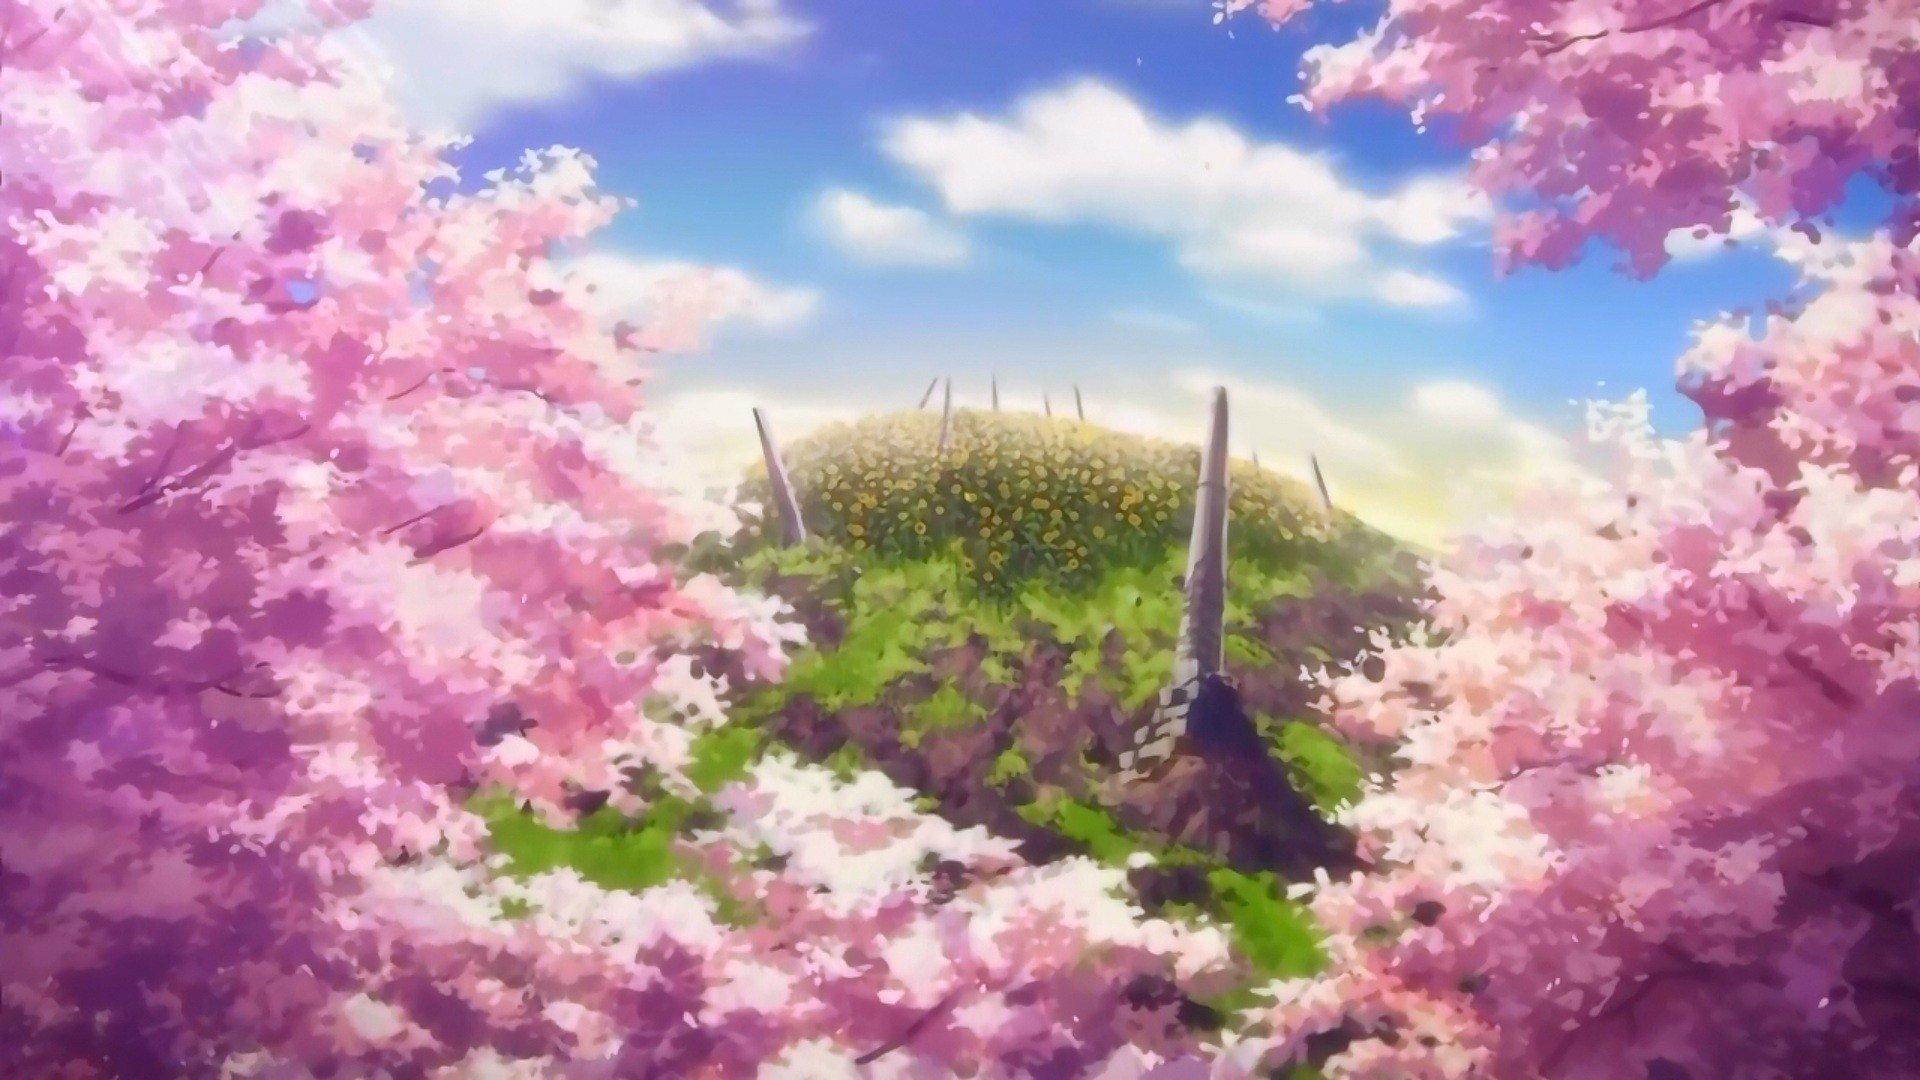 Anime Cherry Blossom Desktop Wallpaper Pixelstalk Net